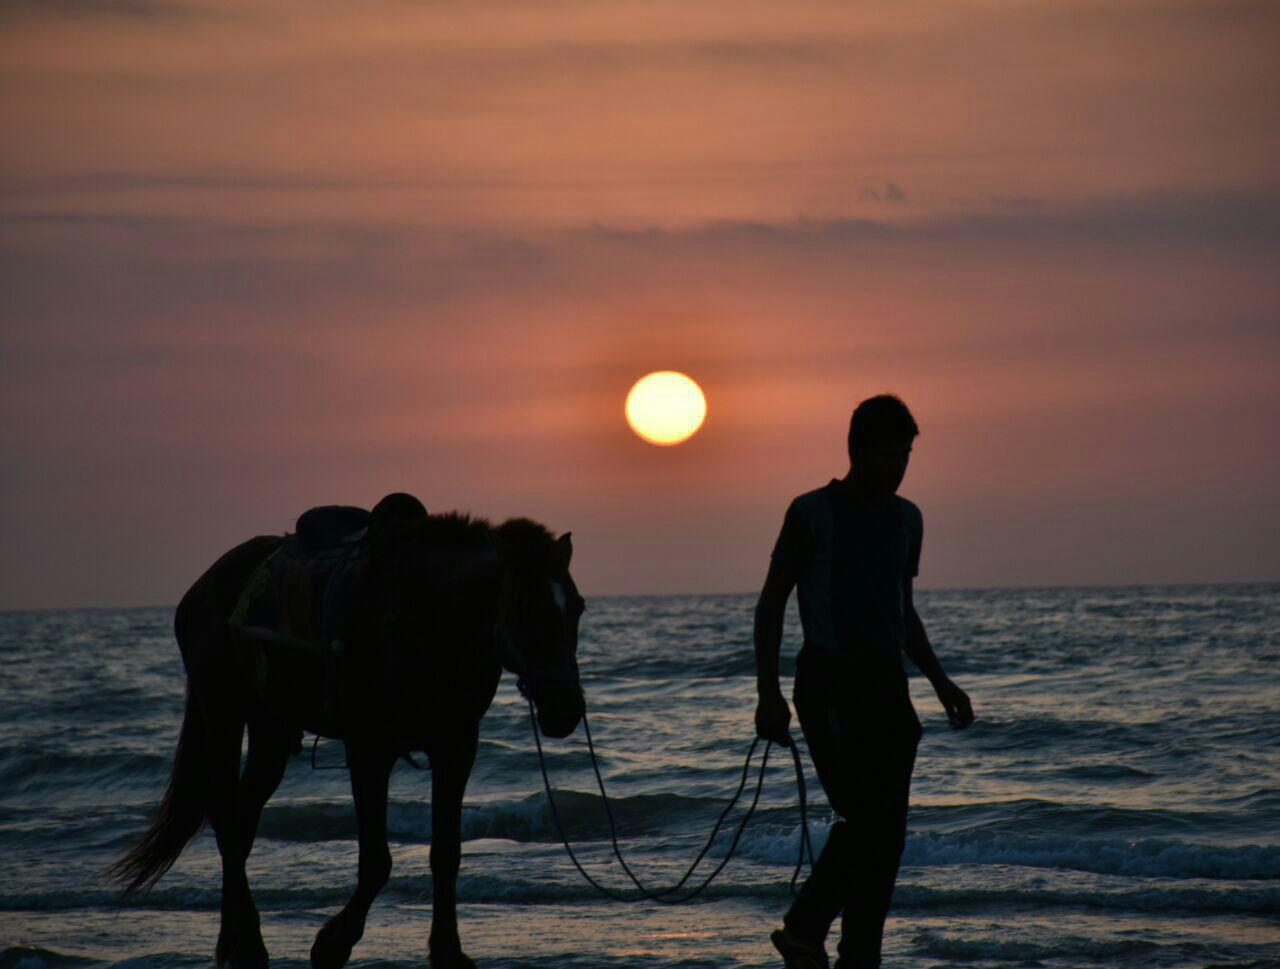 غروب دریا ساحل ایزدشهر